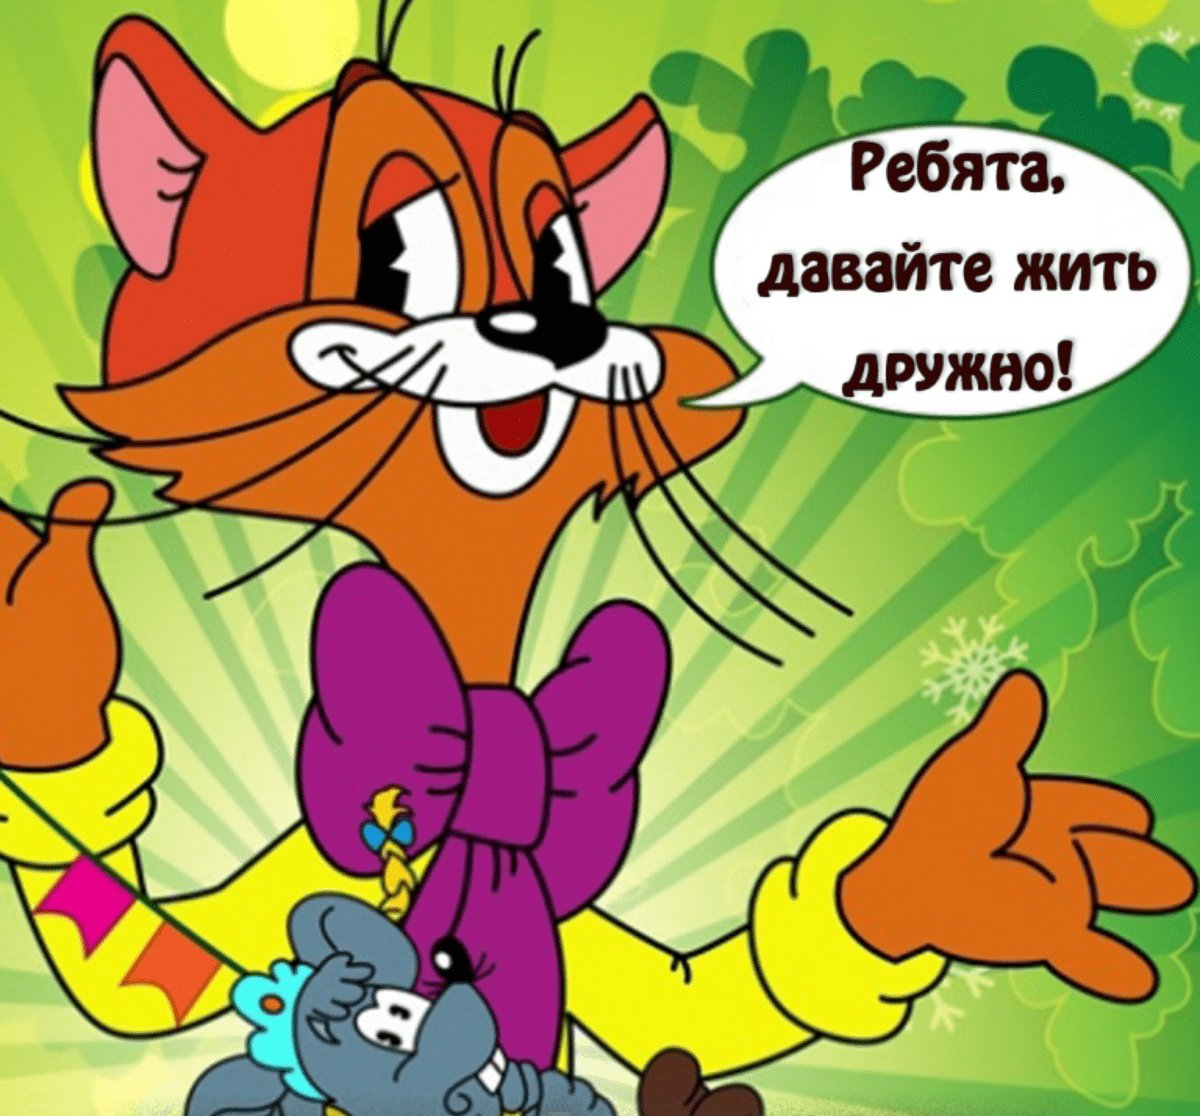 19 любимых фраз из всех мировых мультфильмов!